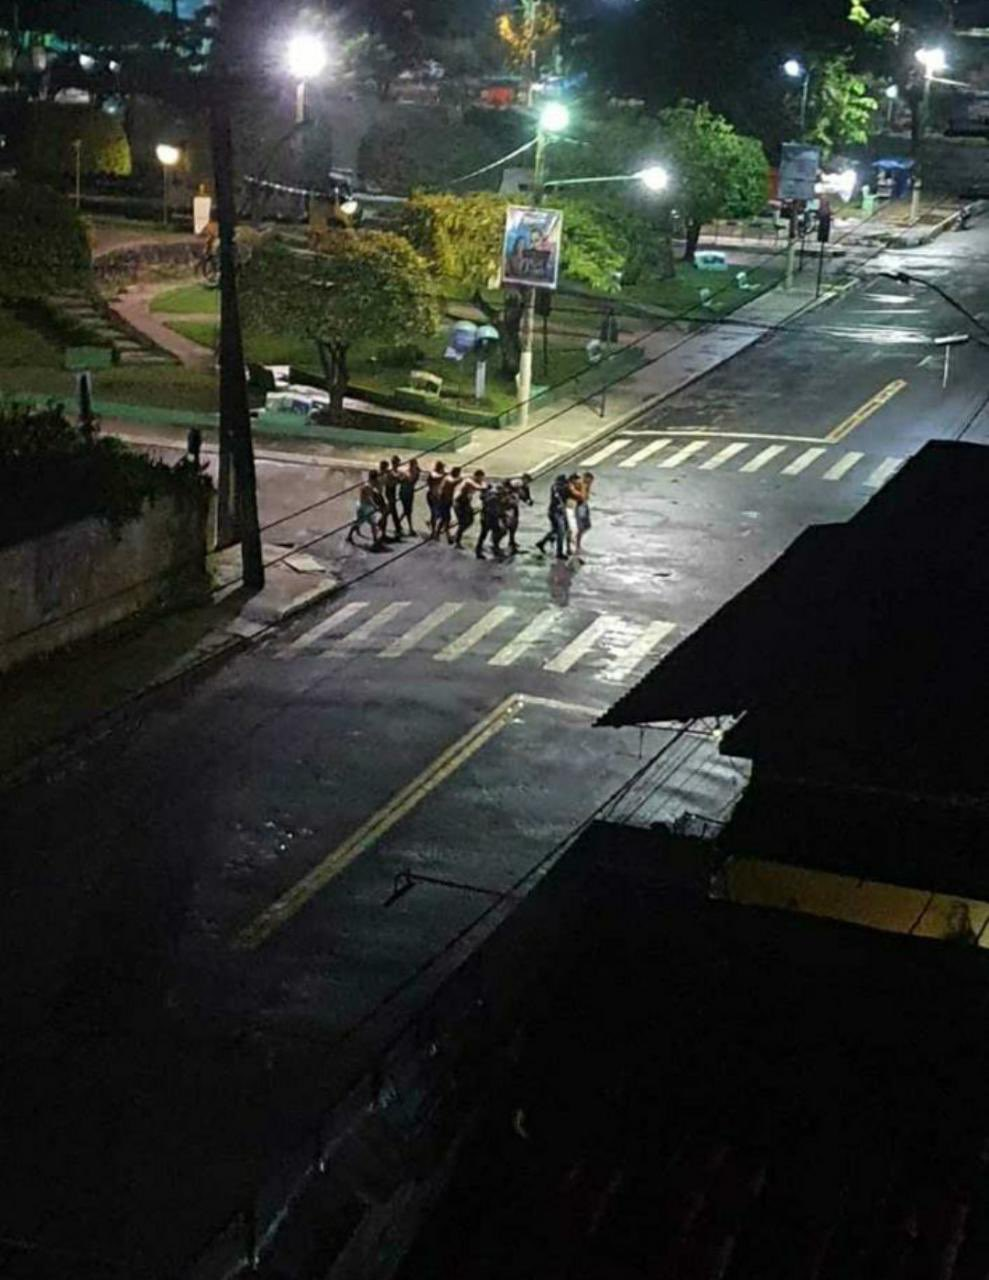 Fotos de um grupo de pessoas que seriam reféns andando próximo à uma praça